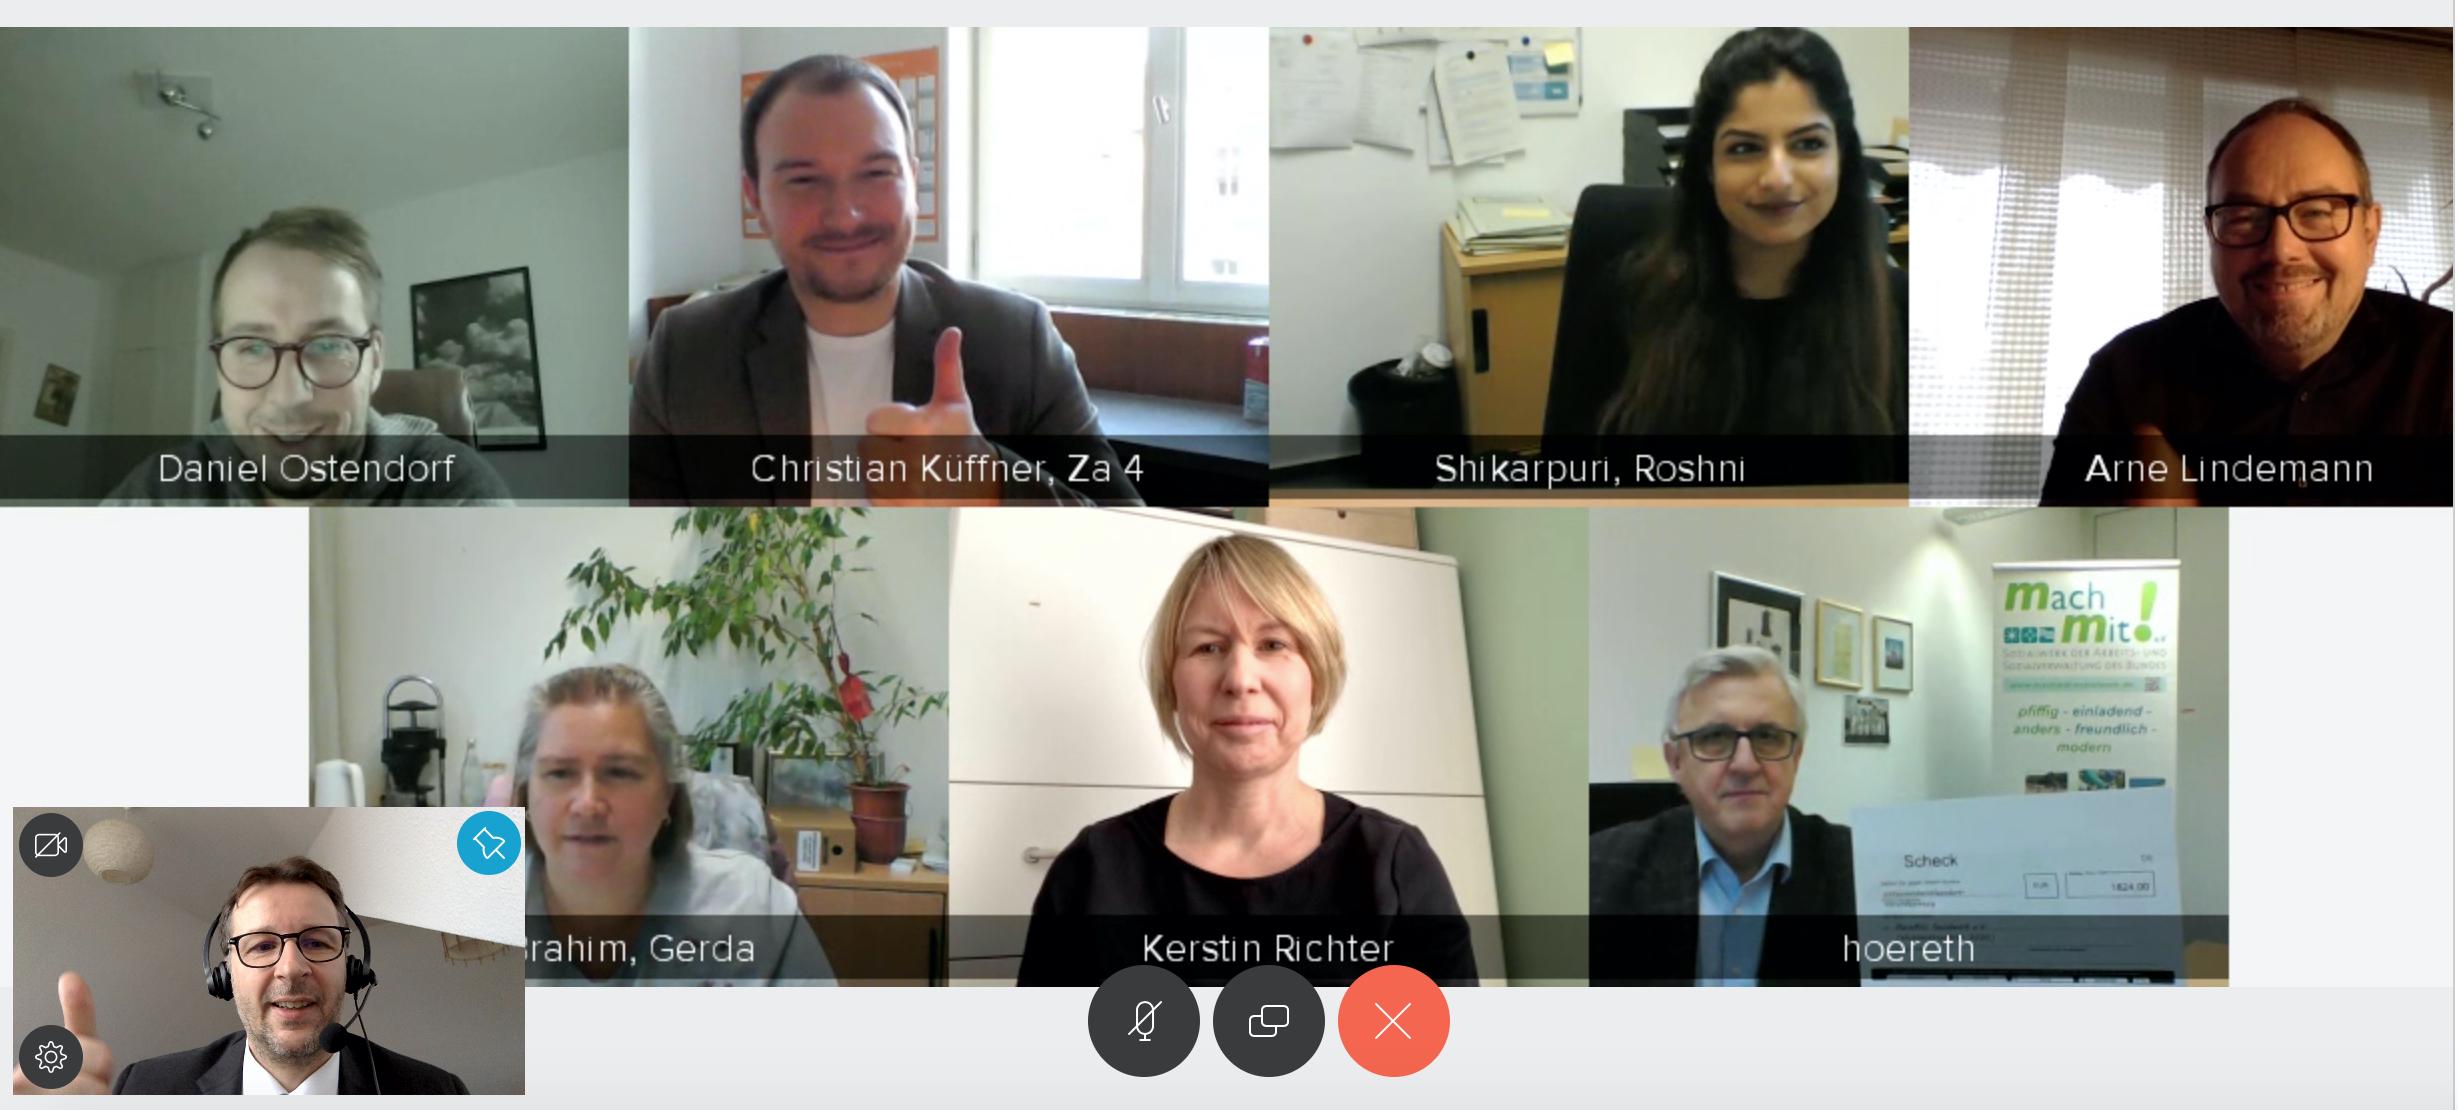 Bildschirmfoto aller Teilnehmer aus der Videokonferenz via Skype.